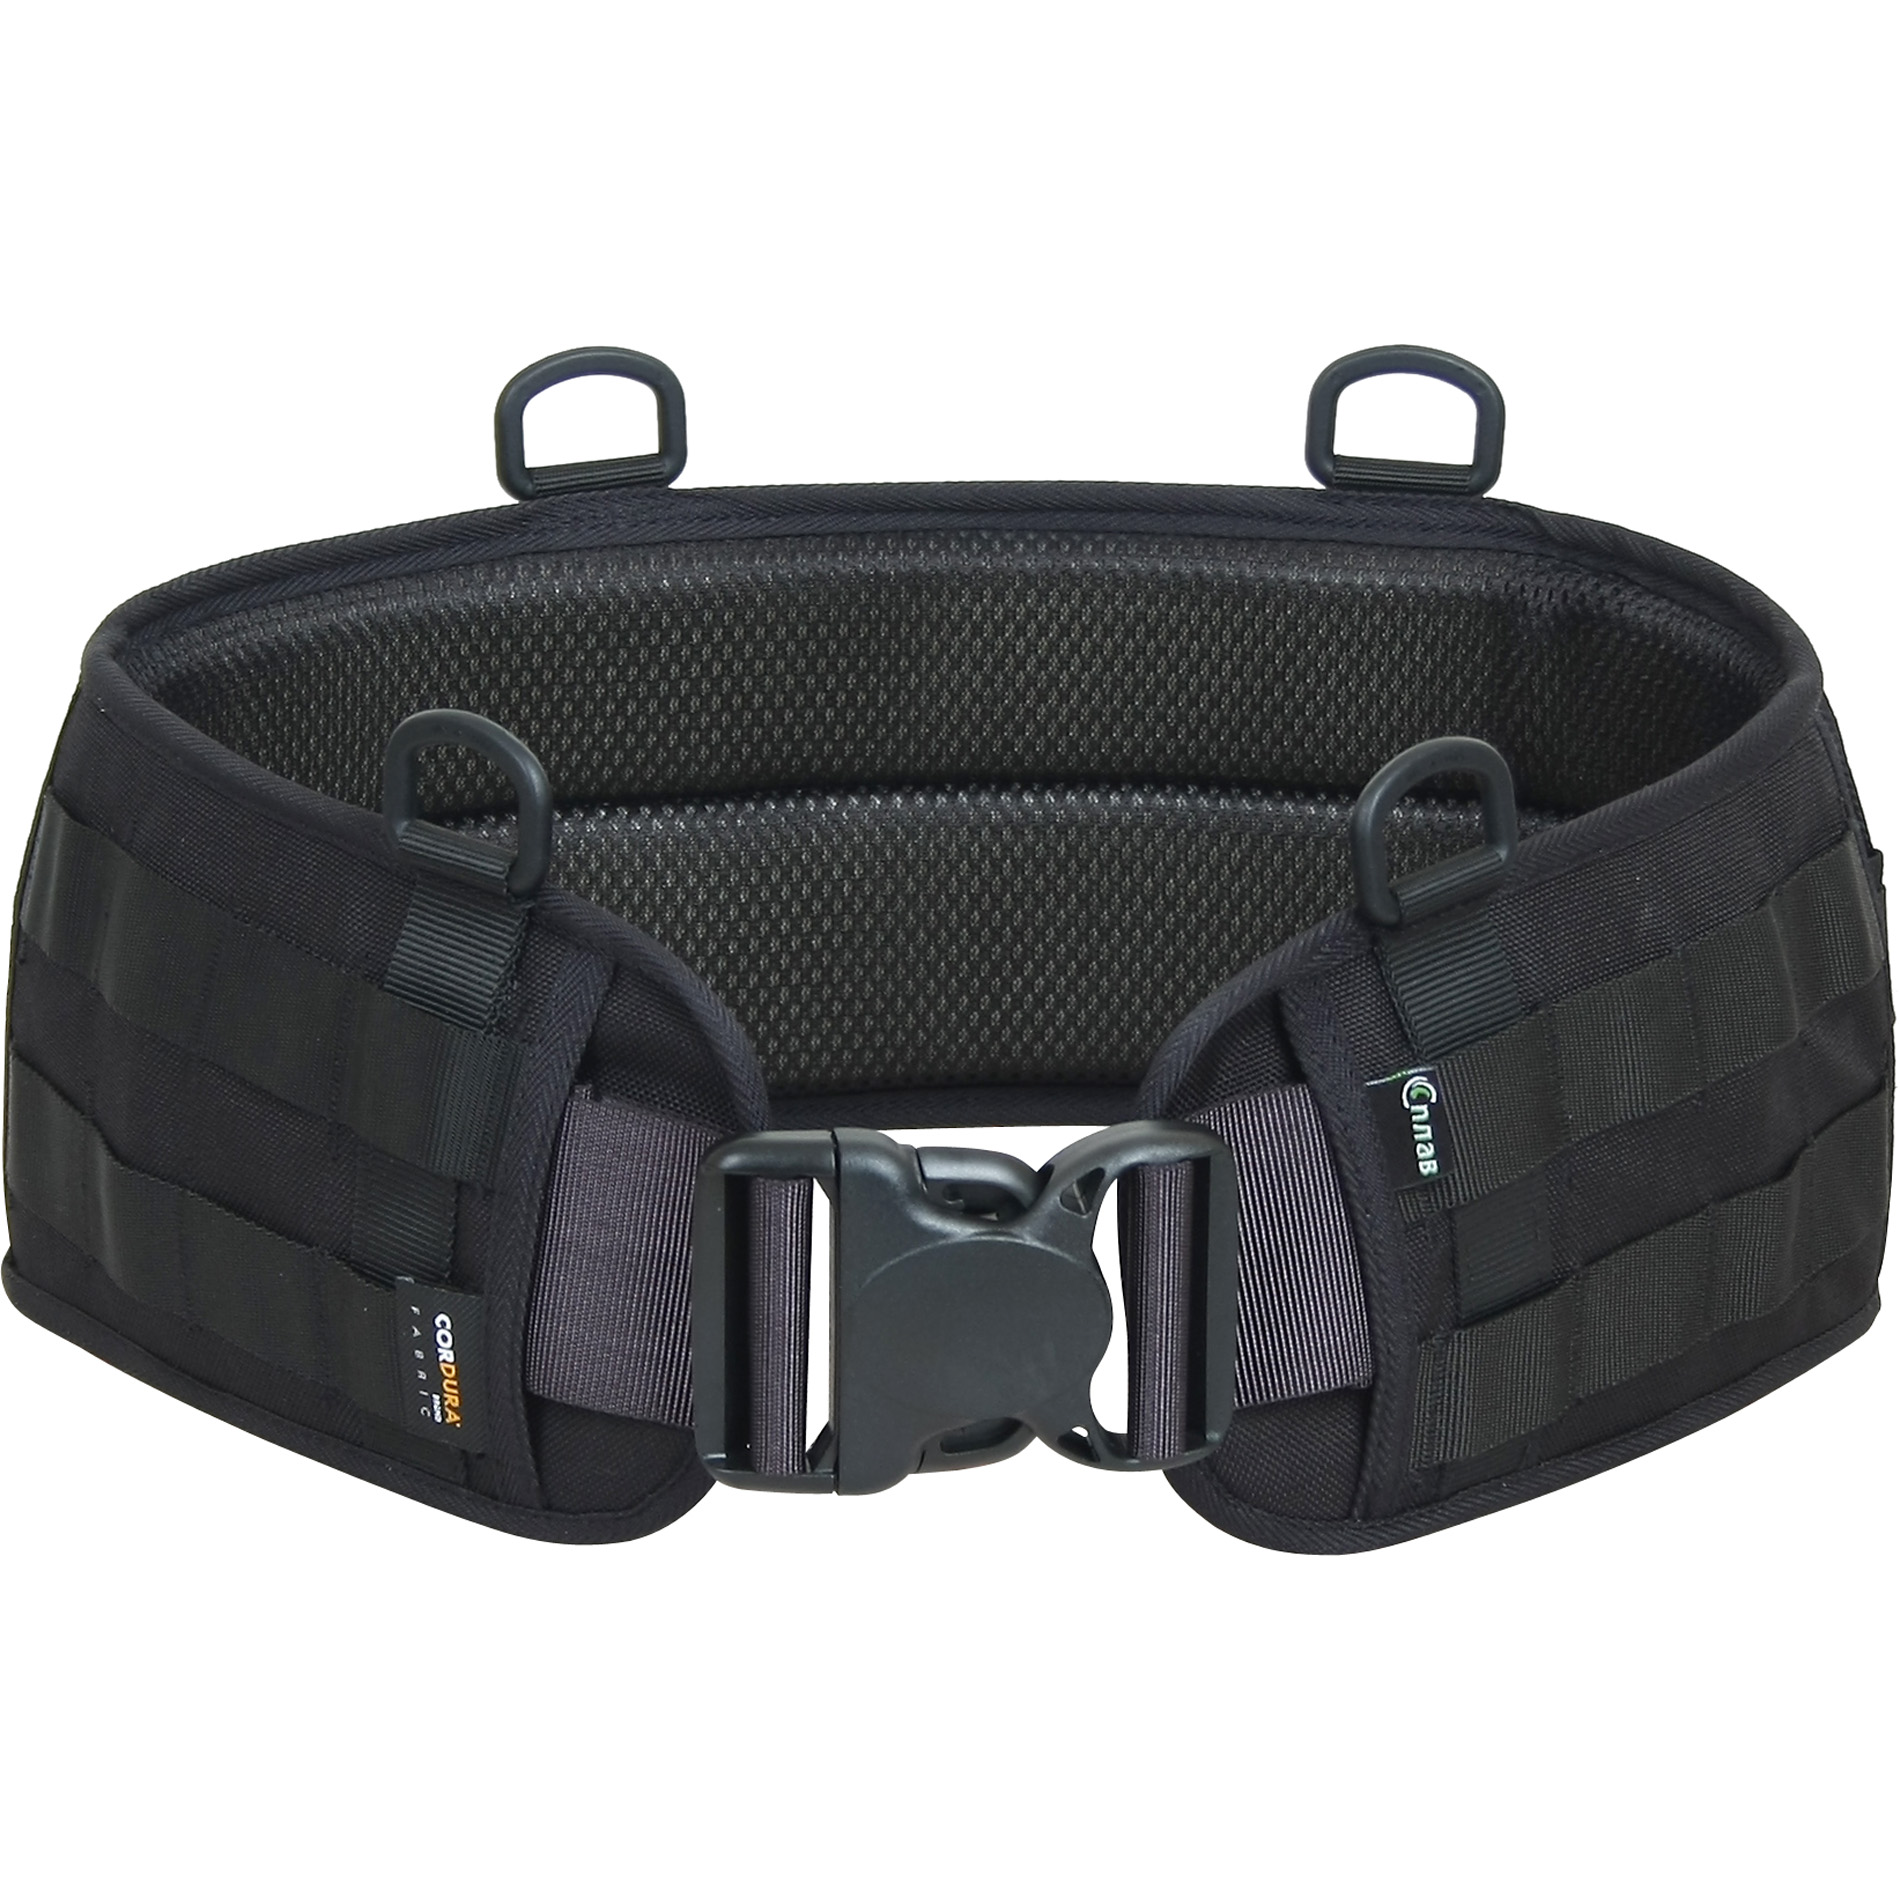 Пояс универсальный РПС/рюкзачный черный 106 см, Поясное - арт. 335530149